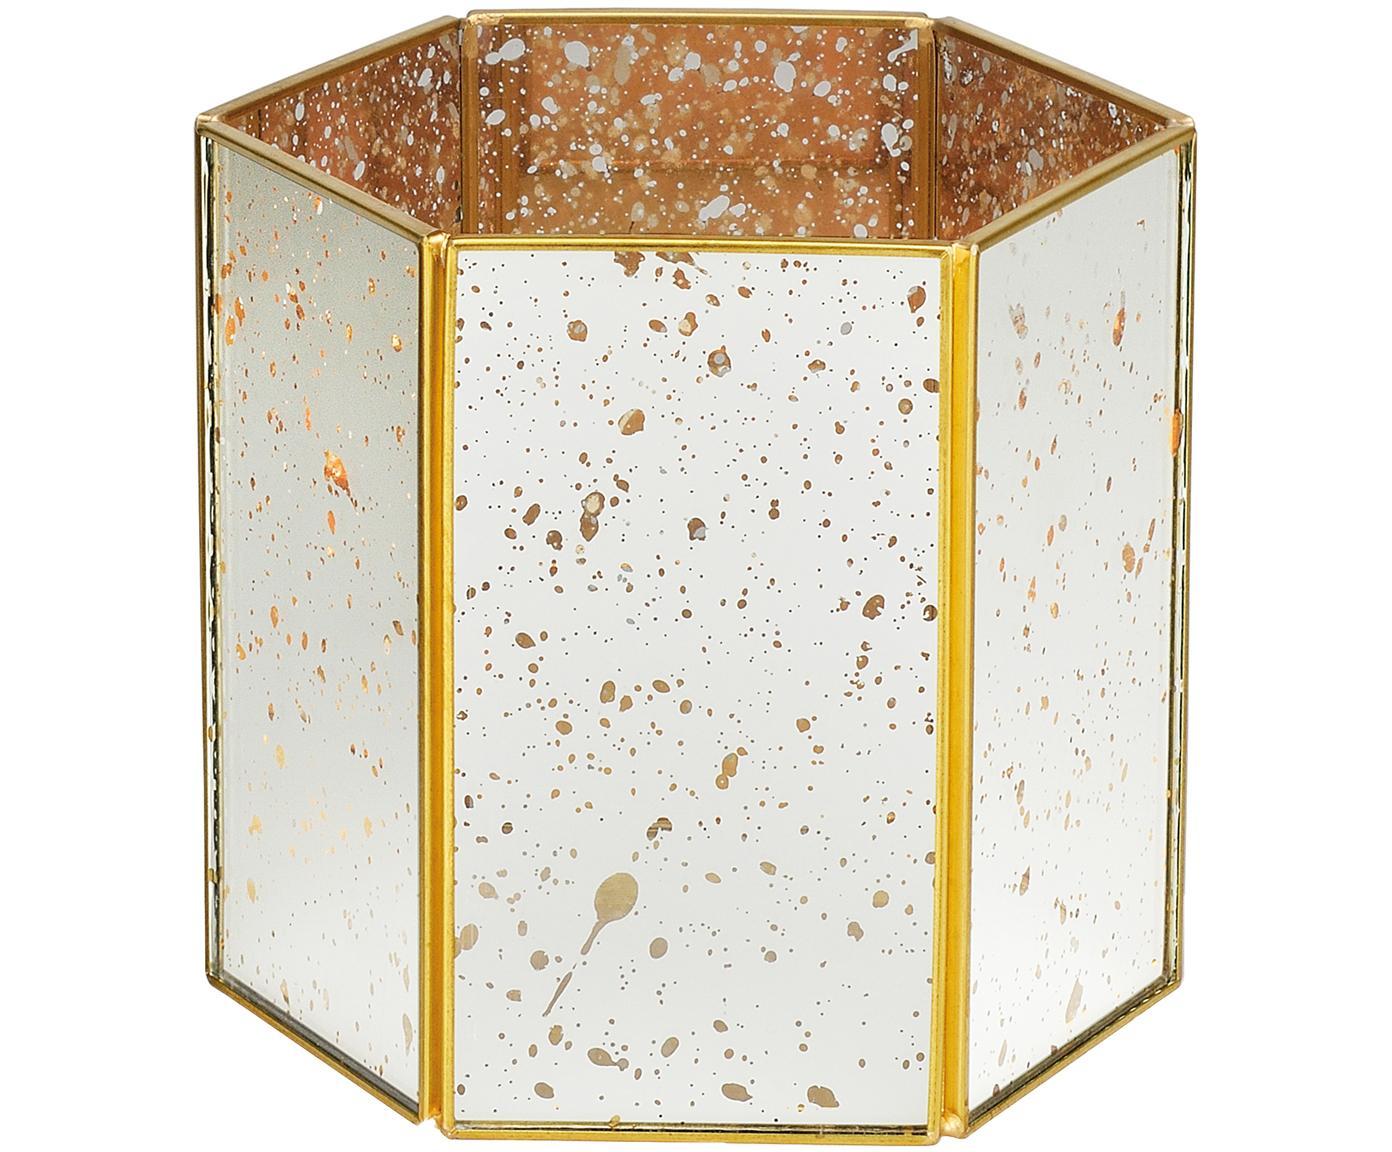 Spiegelglas-Windlicht Nanna, Rahmen: Messing, Messing, 15 x 14 cm